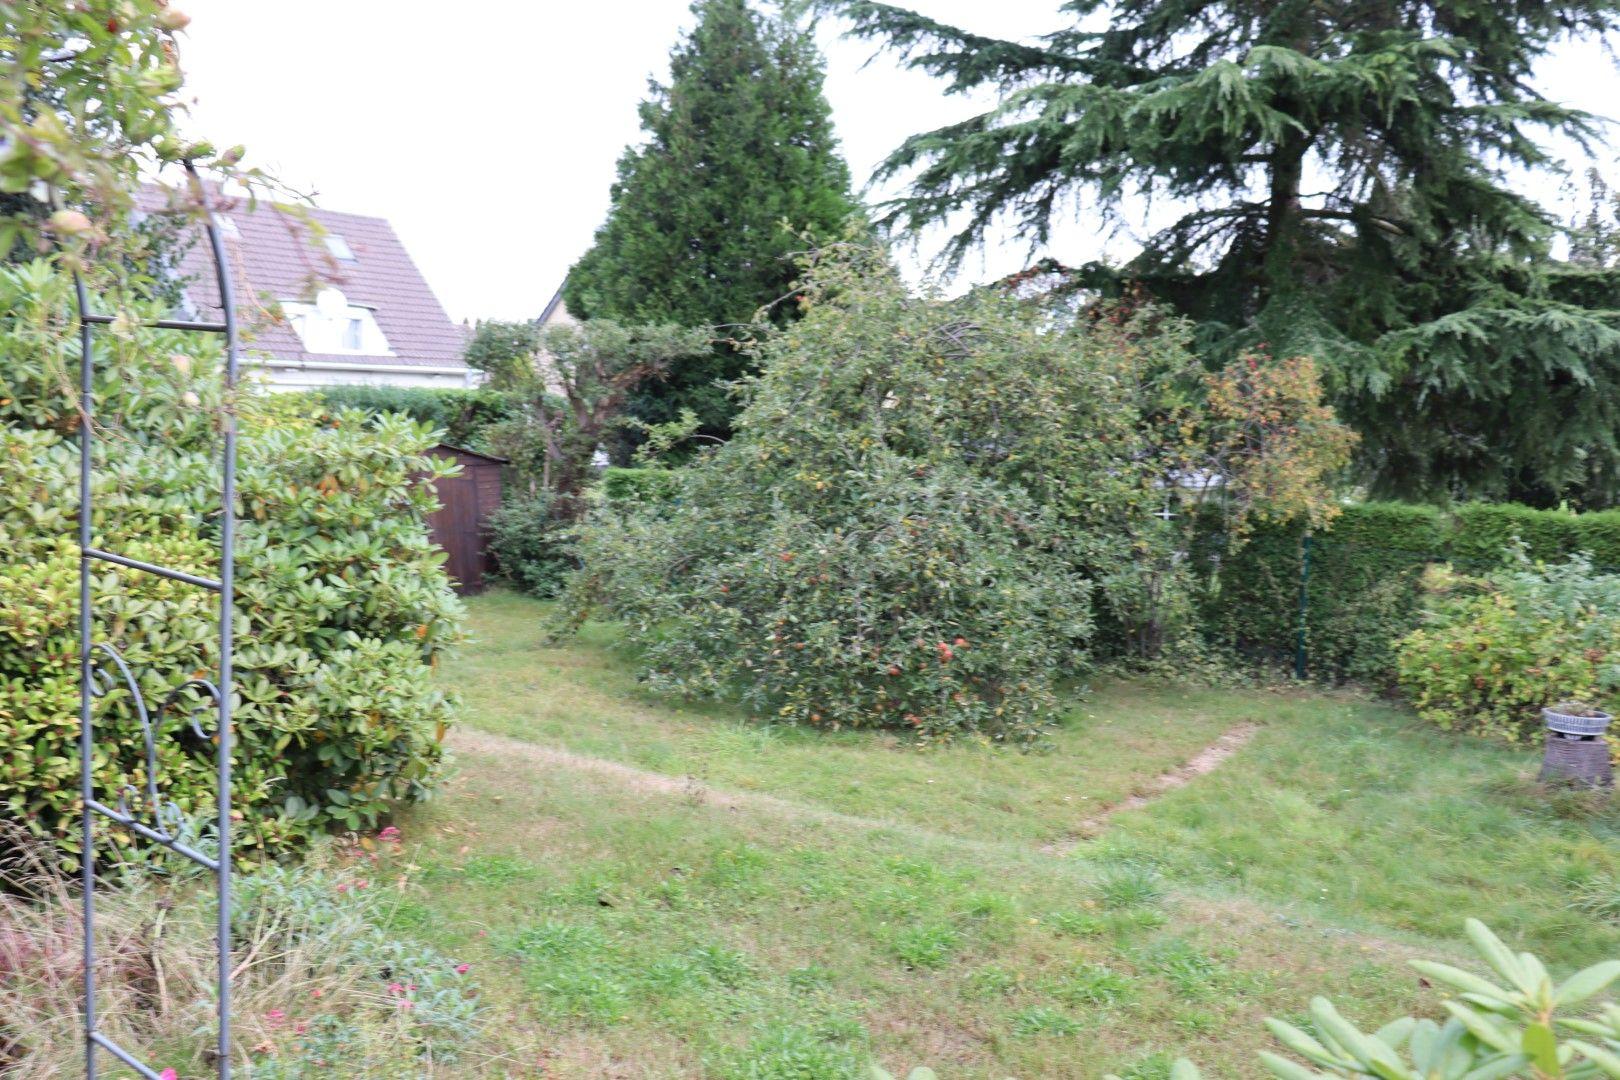 Immobilie Nr.0273 - Doppelhaushälfte in WEG mit Garten & Terrasse - Bild 18.jpg